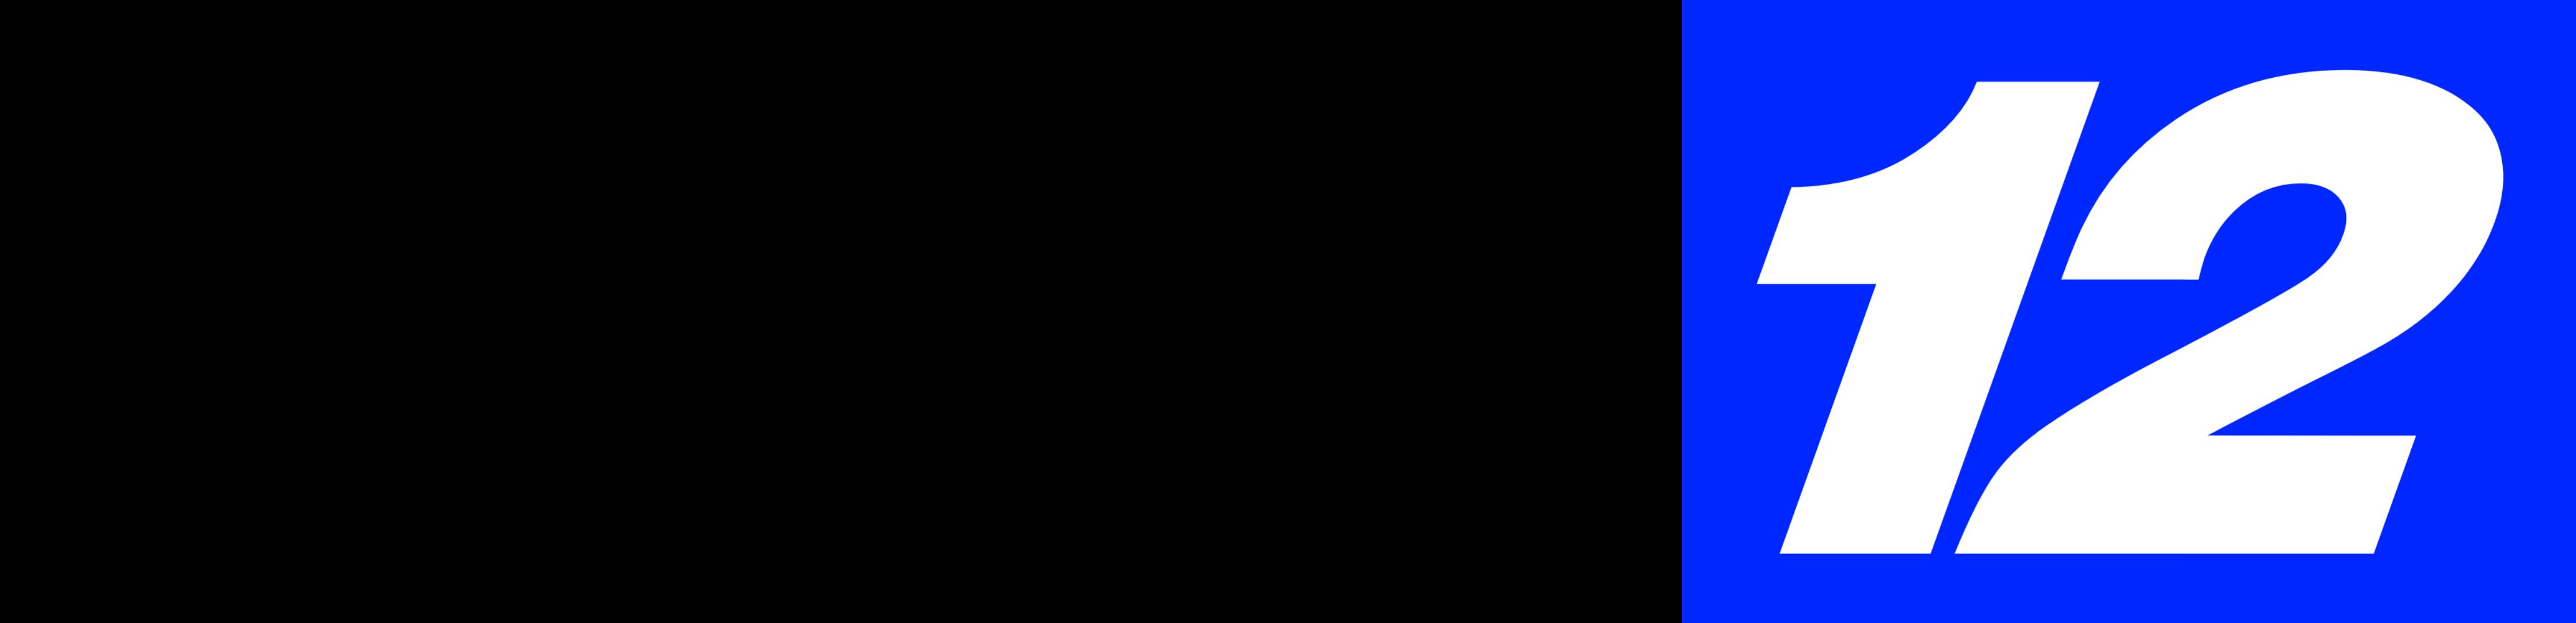 AlternateHistory.com's WJRT logo #1.png